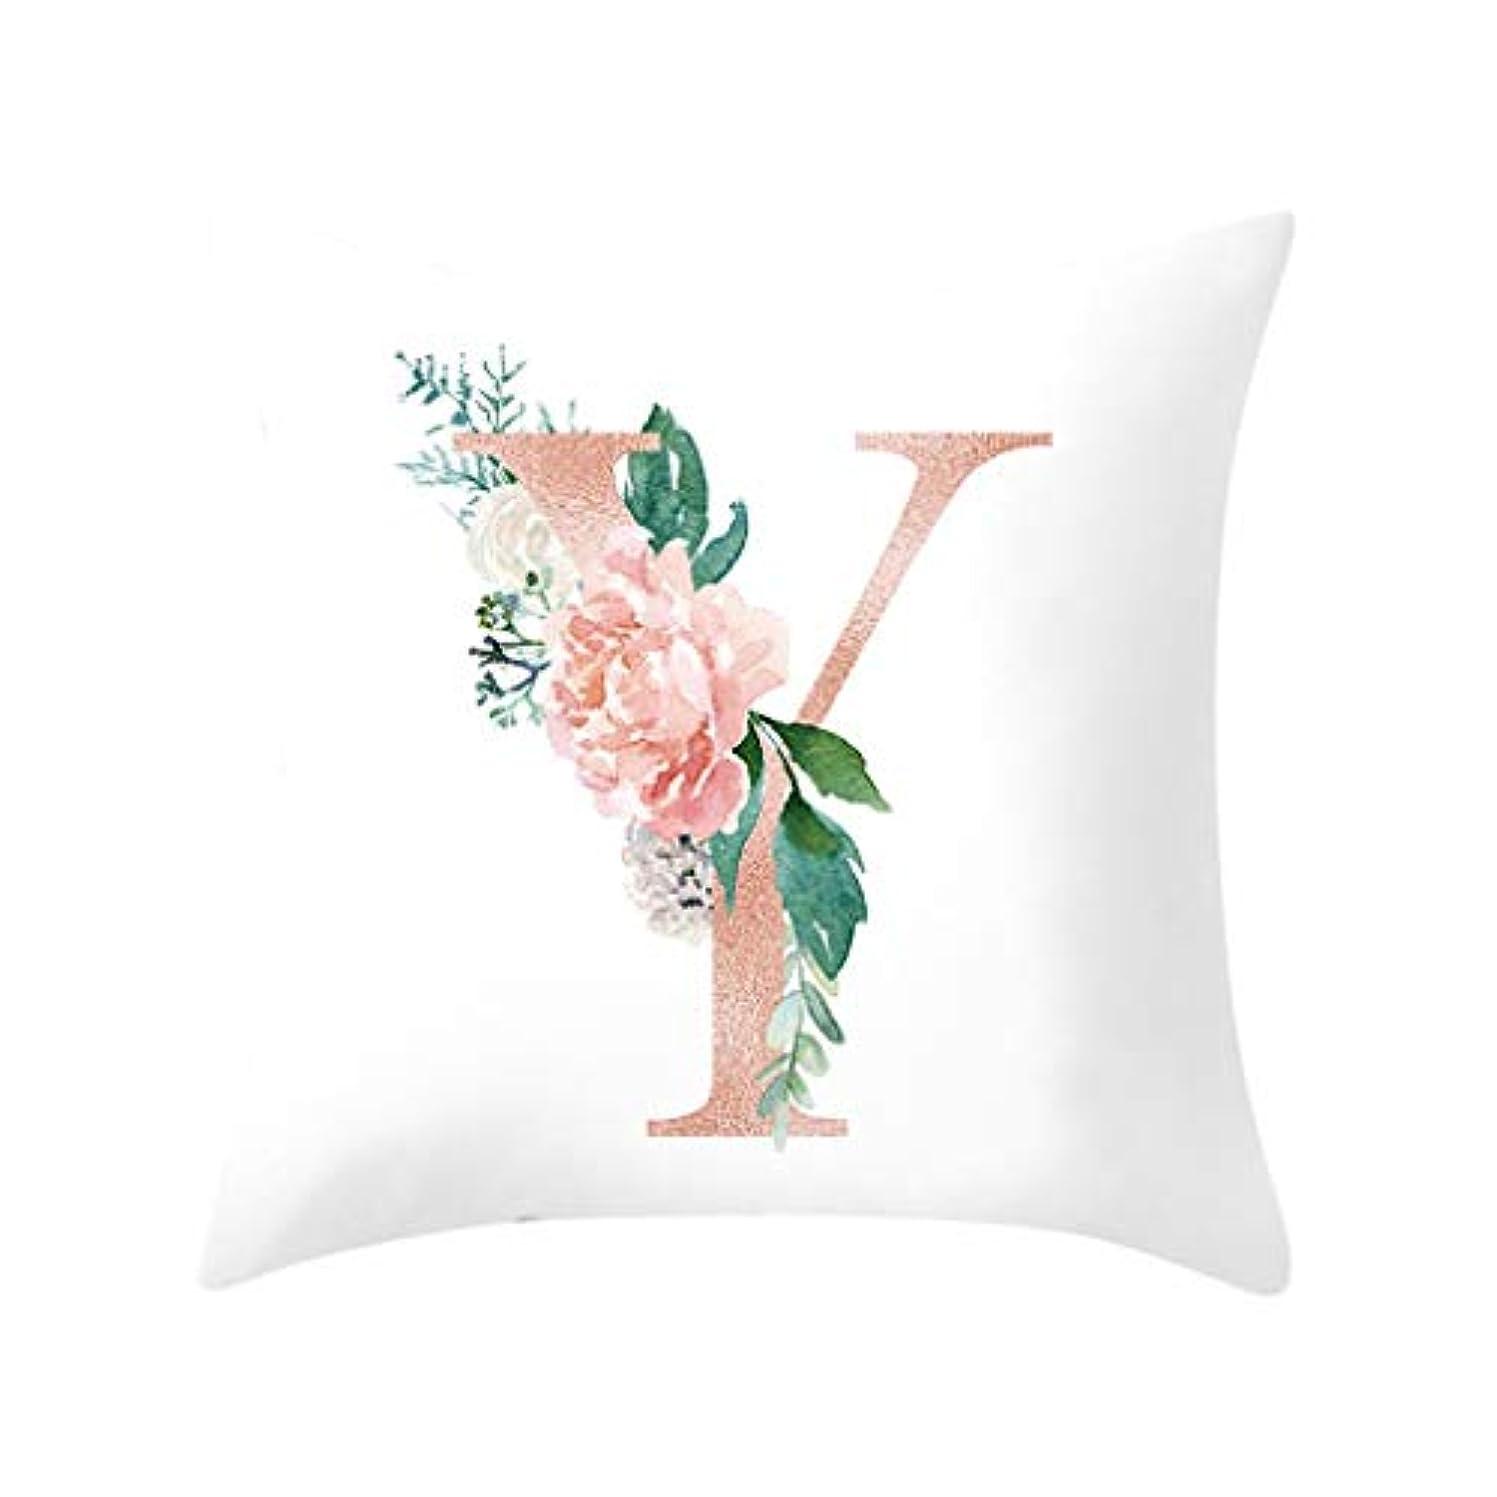 変更手がかり高層ビルLIFE 装飾クッションソファ手紙枕アルファベットクッション印刷ソファ家の装飾の花枕 coussin decoratif クッション 椅子